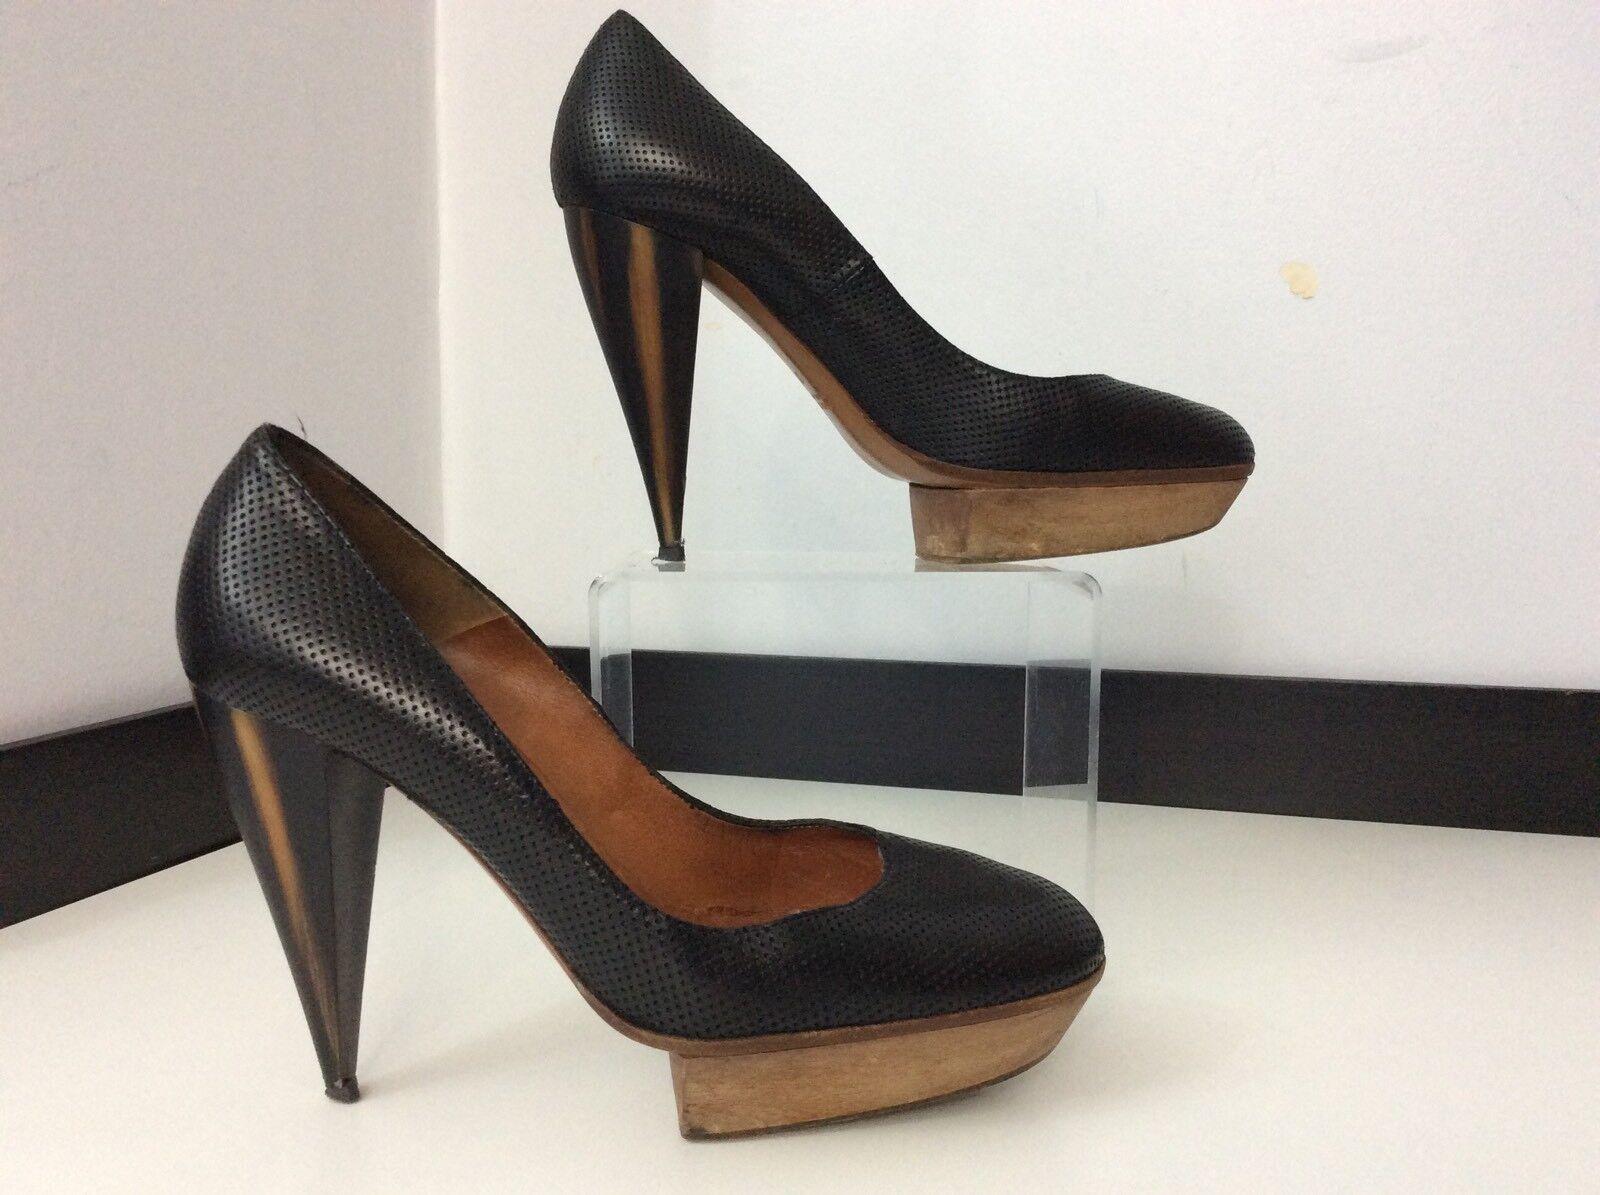 e2a2de73a3e1 Lanvin en cuir Noir Cour Chaussures Chaussures Chaussures en Bois Talons  Hauts Taille 37 GC | En Vente | Mode 7f7693